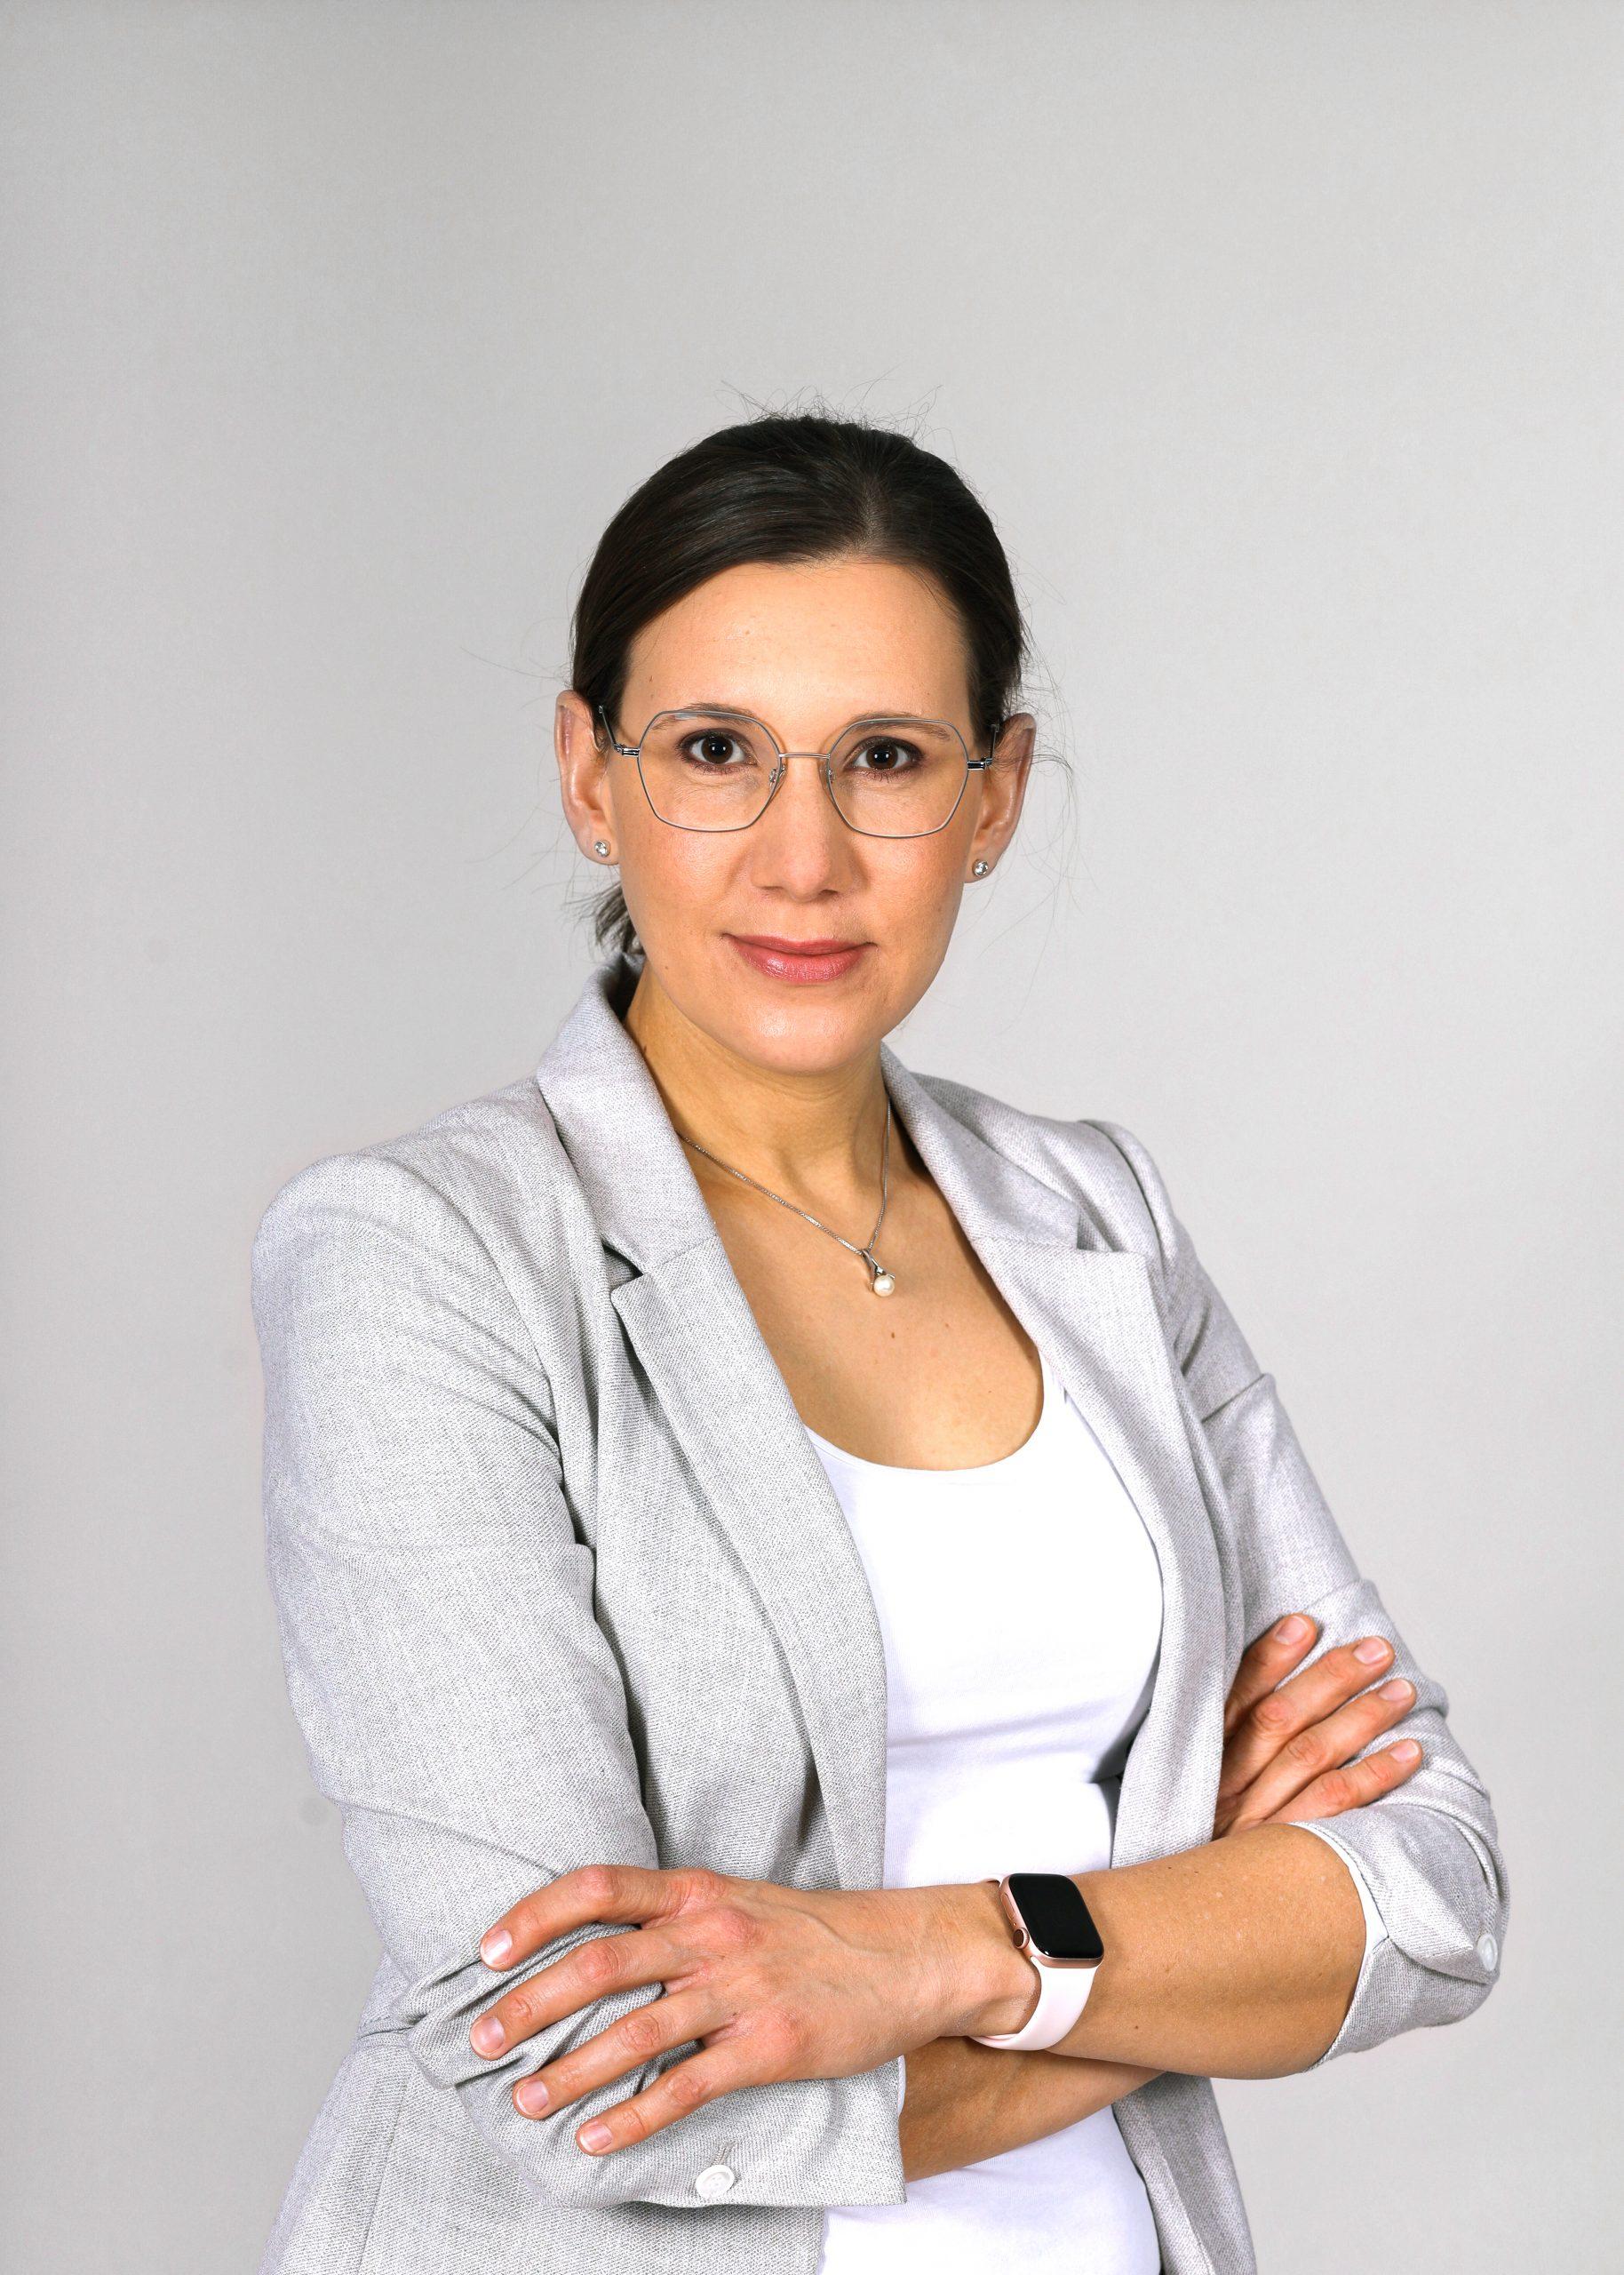 Katharina Ortmann